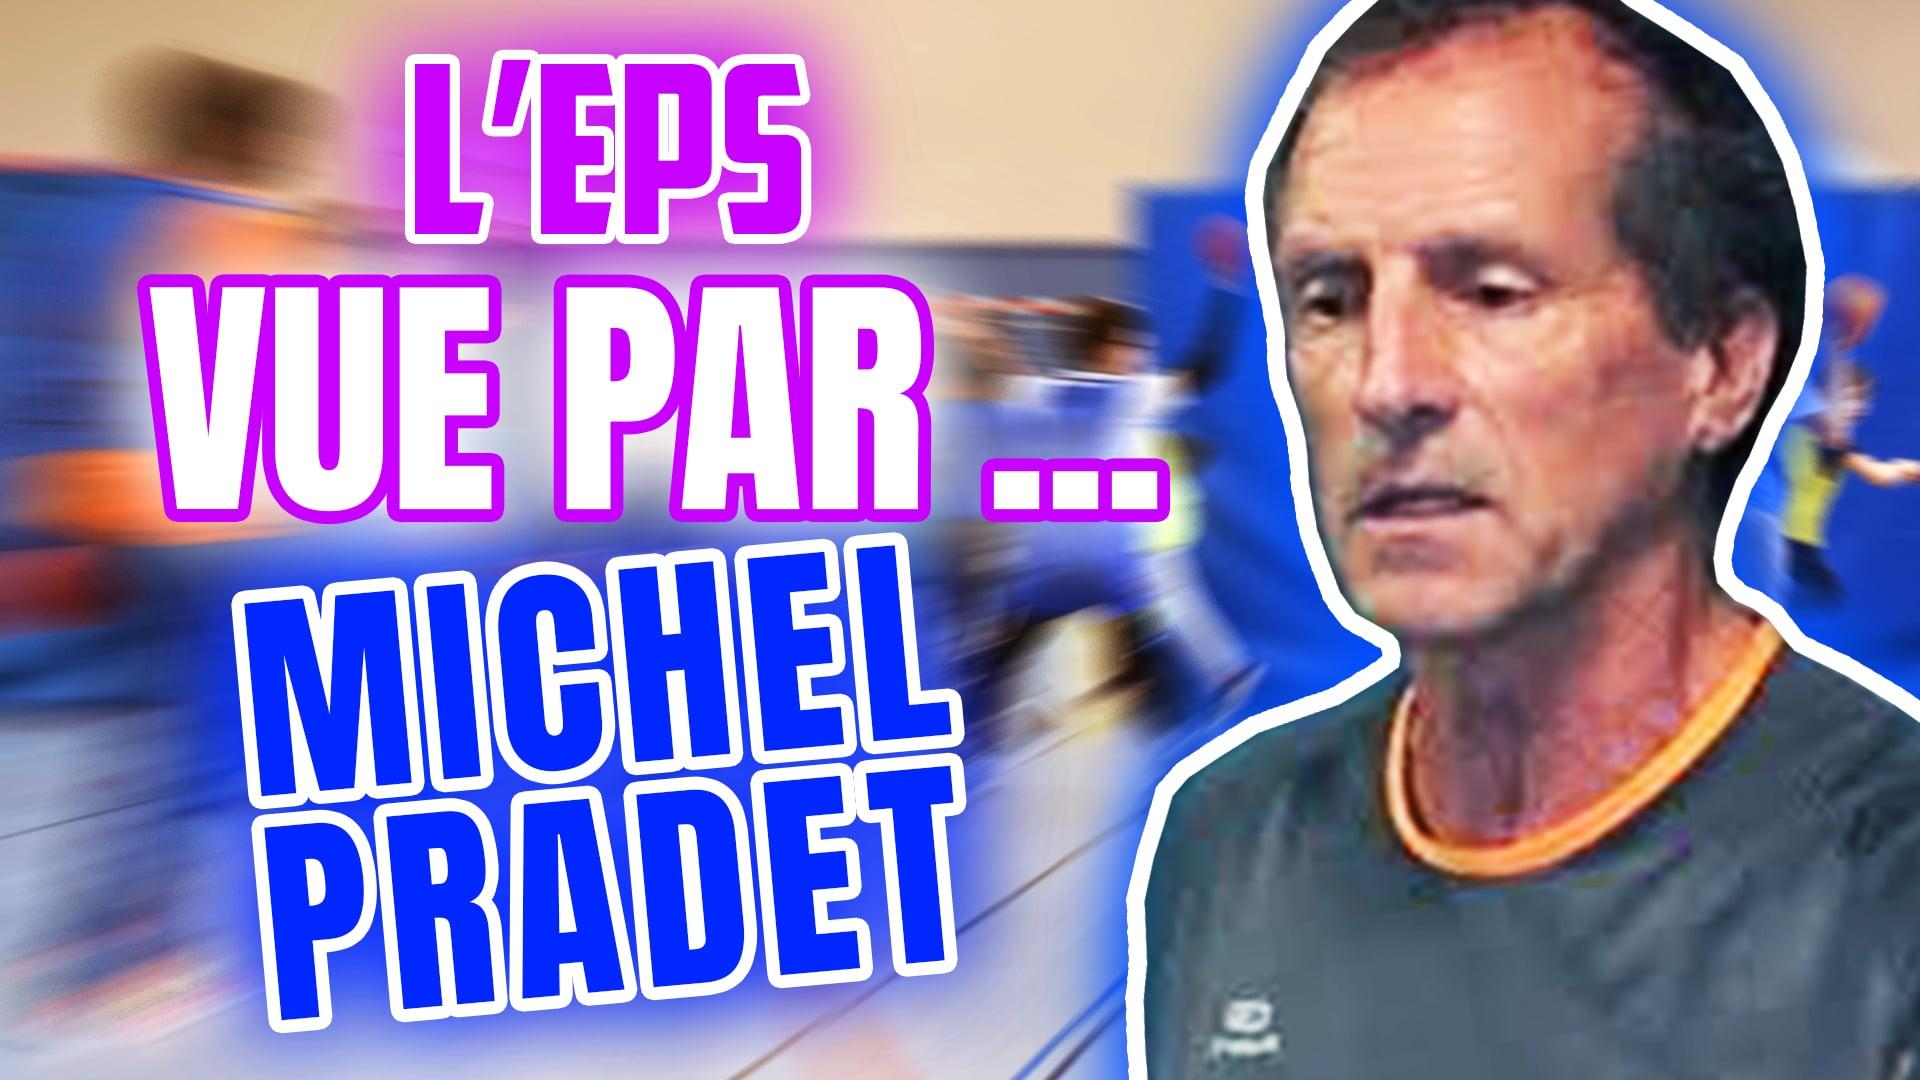 L'EPS actuelle vue par Michel PRADET